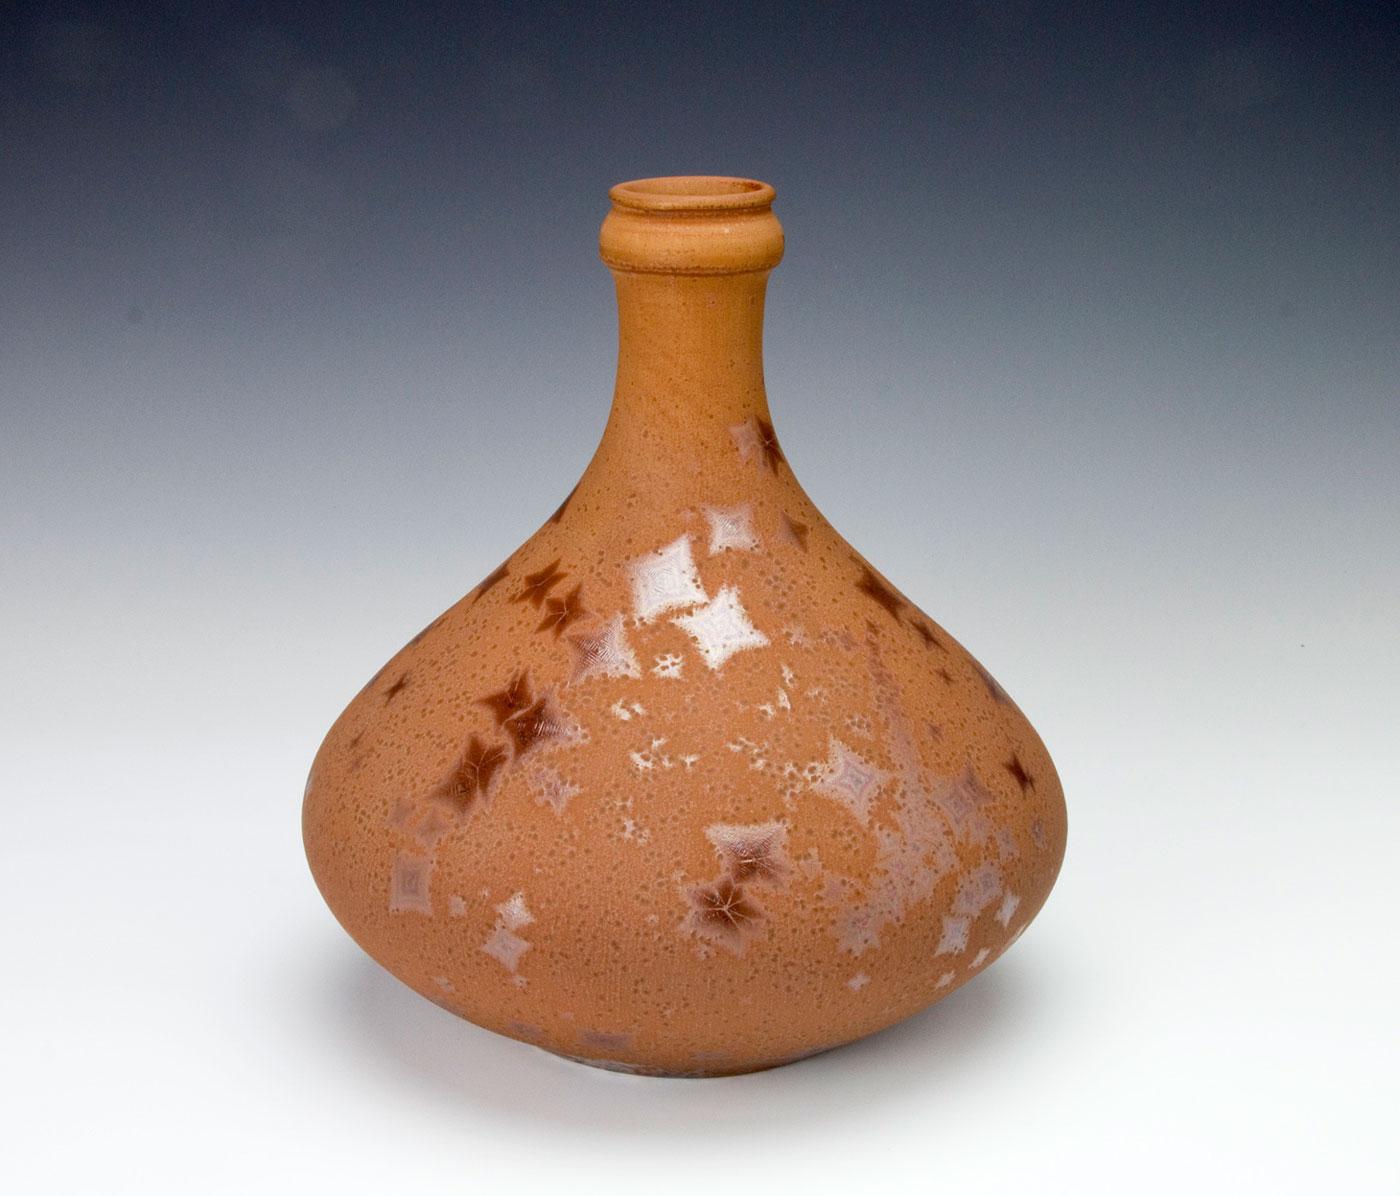 Molybdebum-Crystalline-Art-Pottery-Vase-Bruce-Gholson.jpg